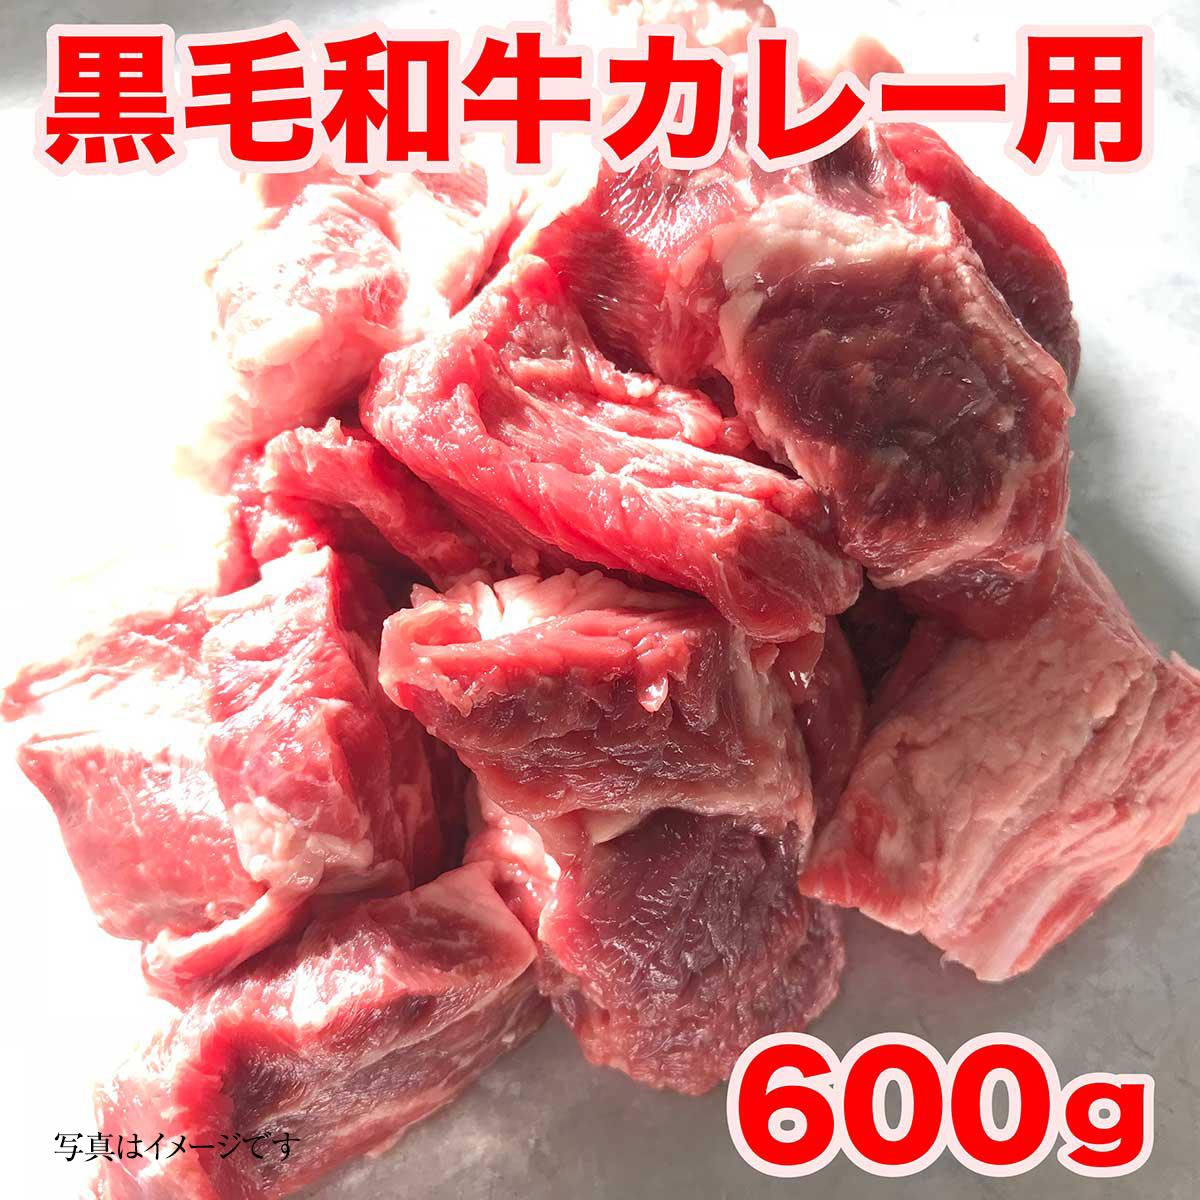 勝光治のおすすめ 和牛煮込み肉カット済 2パック